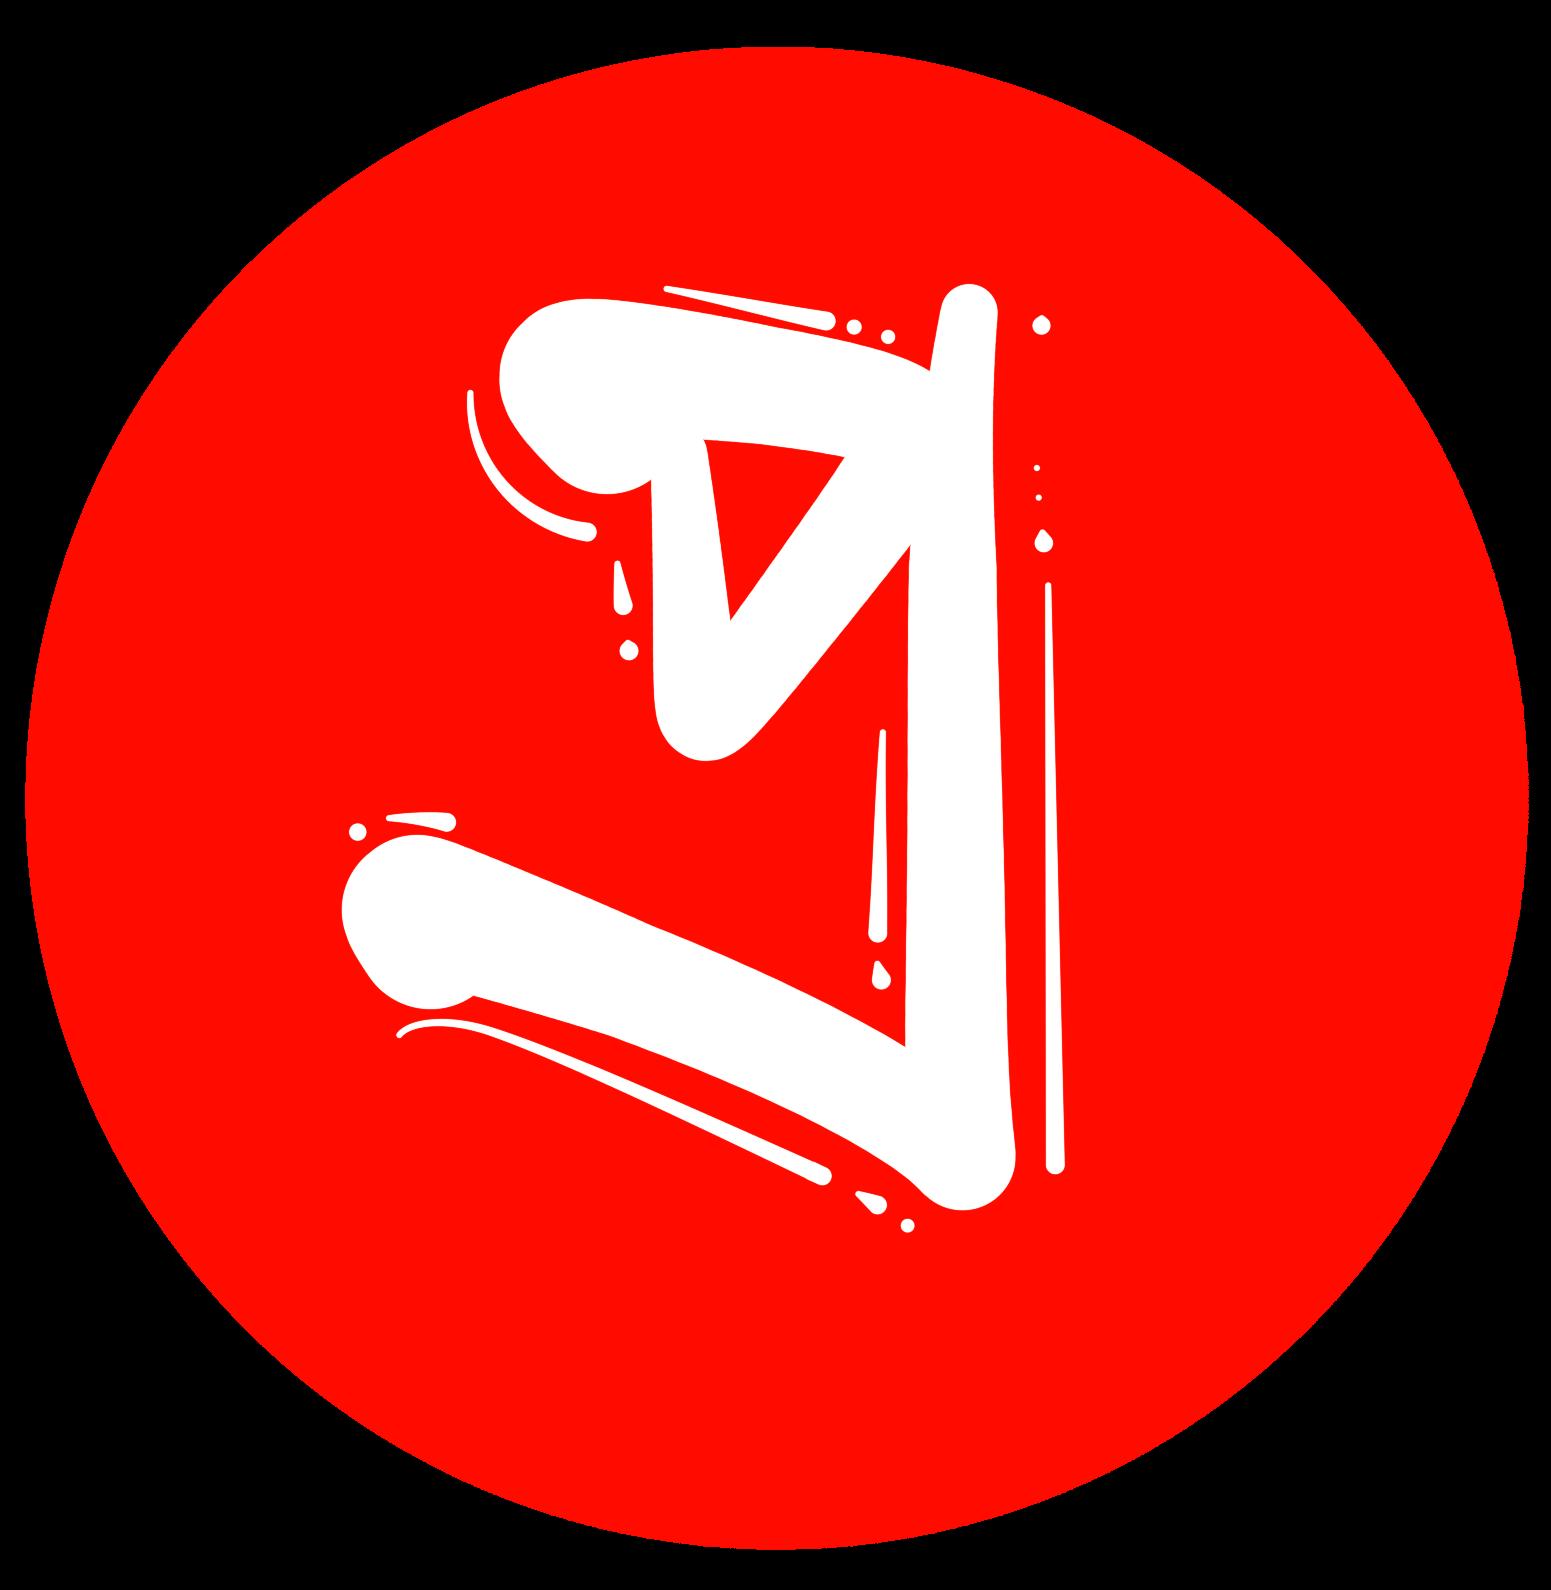 Pralipta